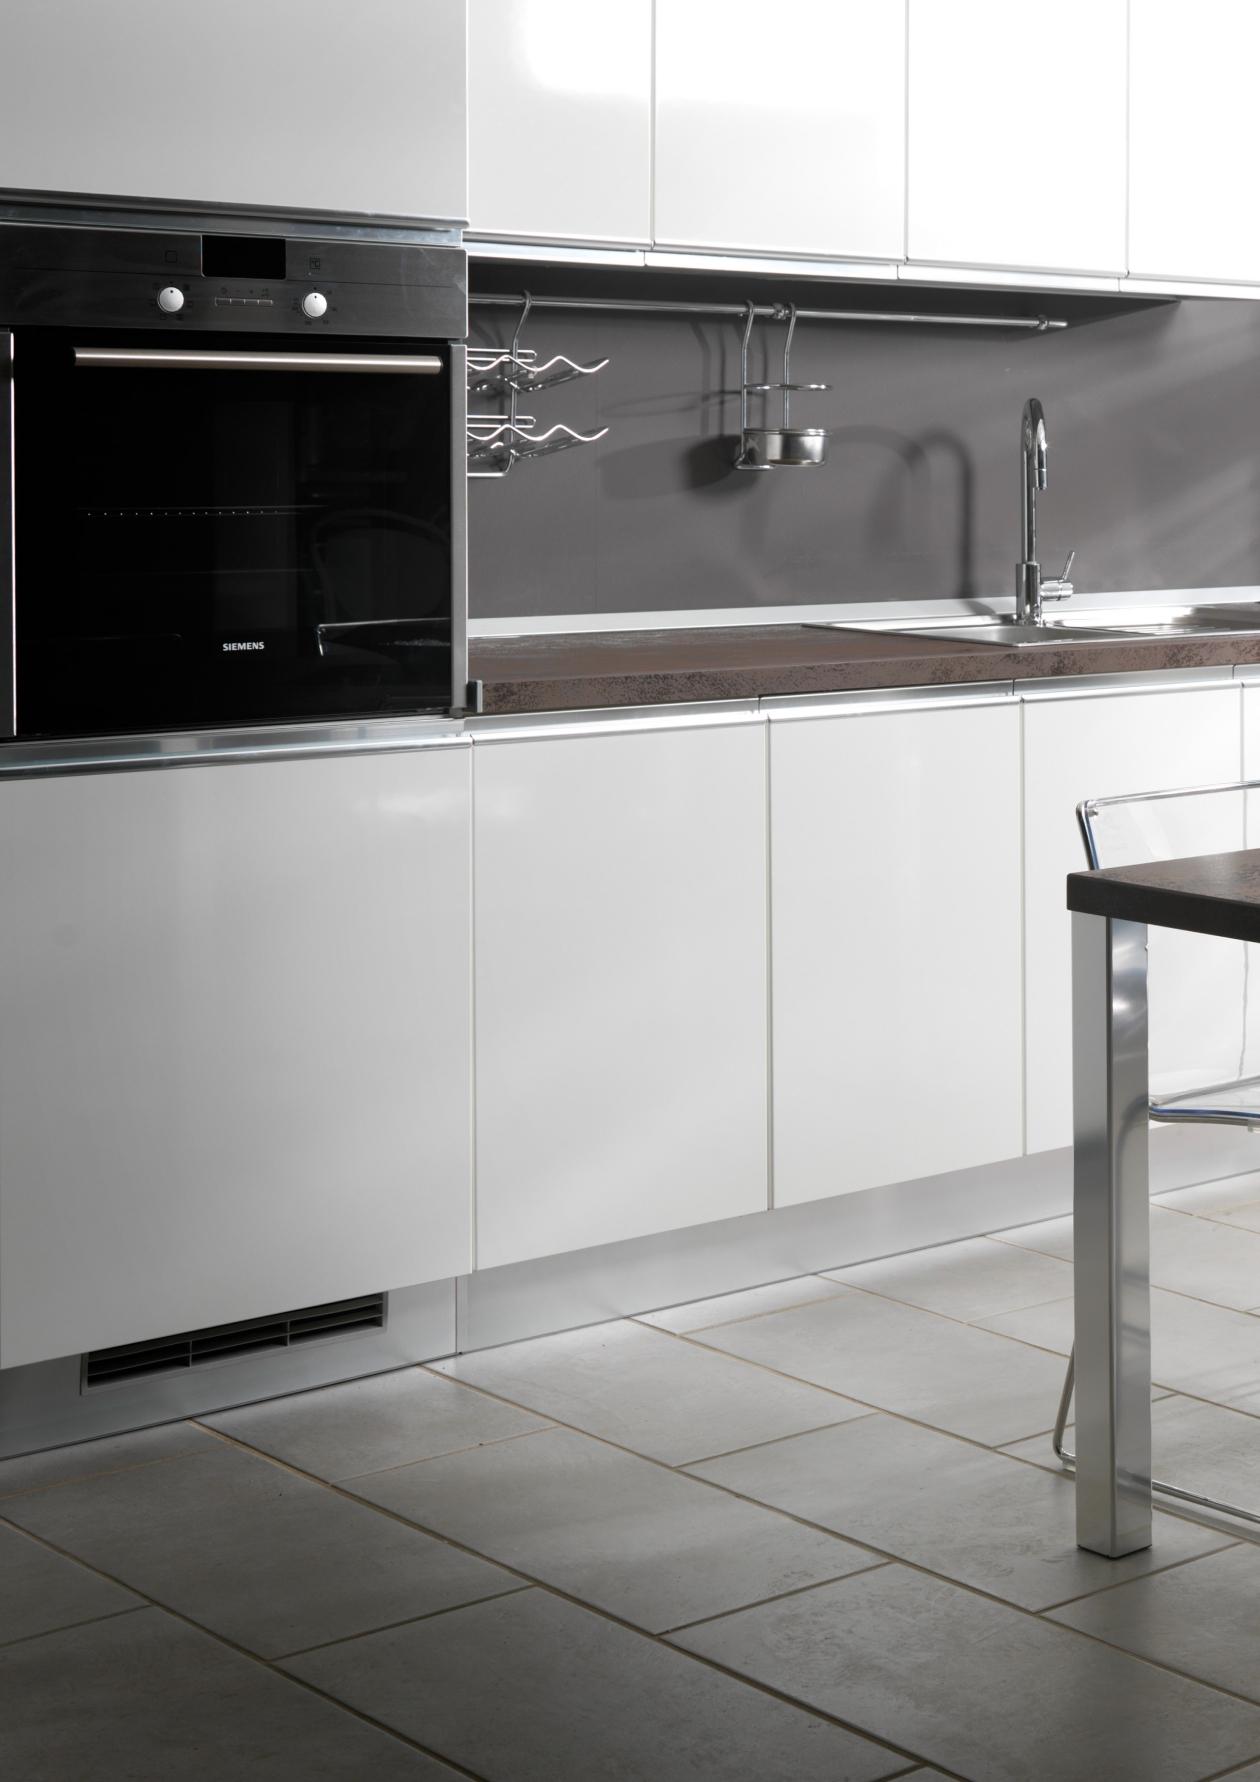 Top Cucina Marmo : Spessore top cucina. Spessore piano lavoro cucina ...